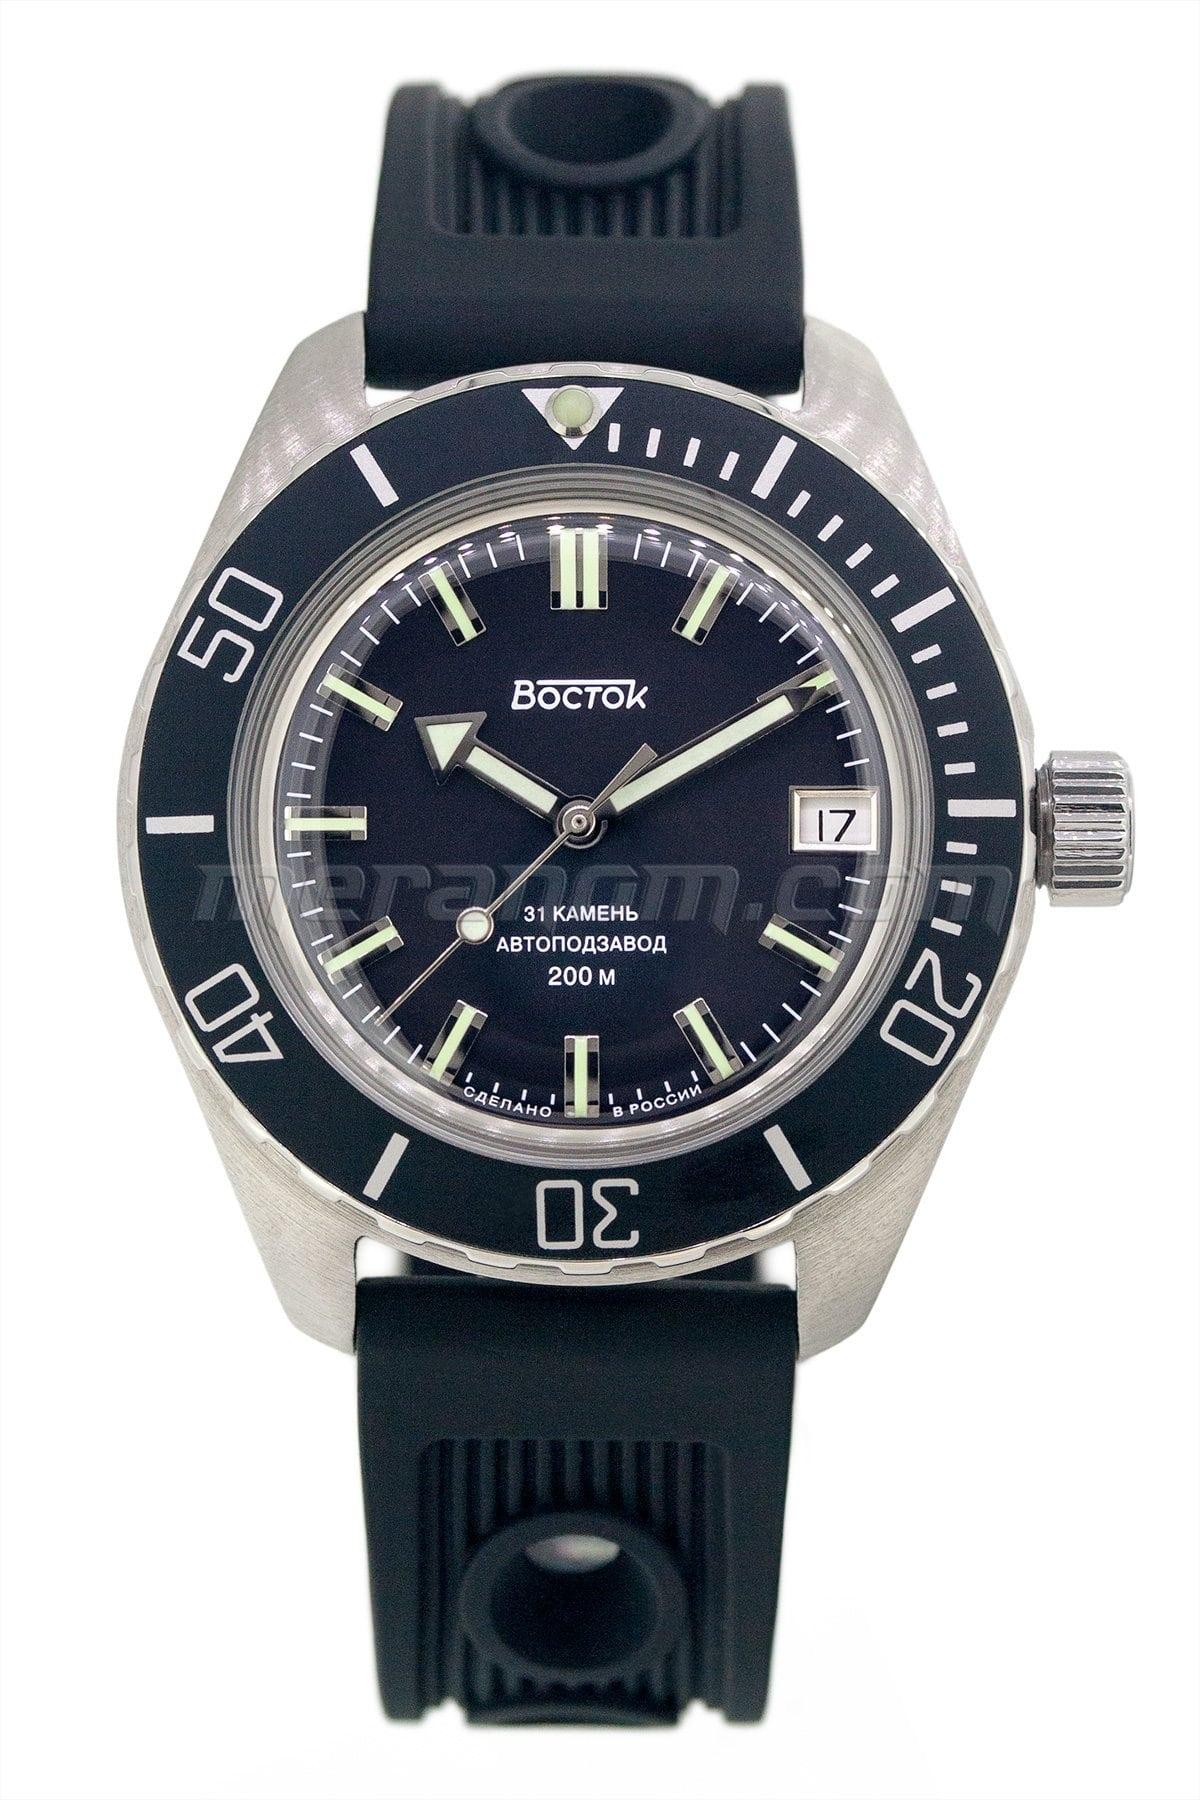 Vostok Relojes Amphibian Se 020b35 Compra A Un